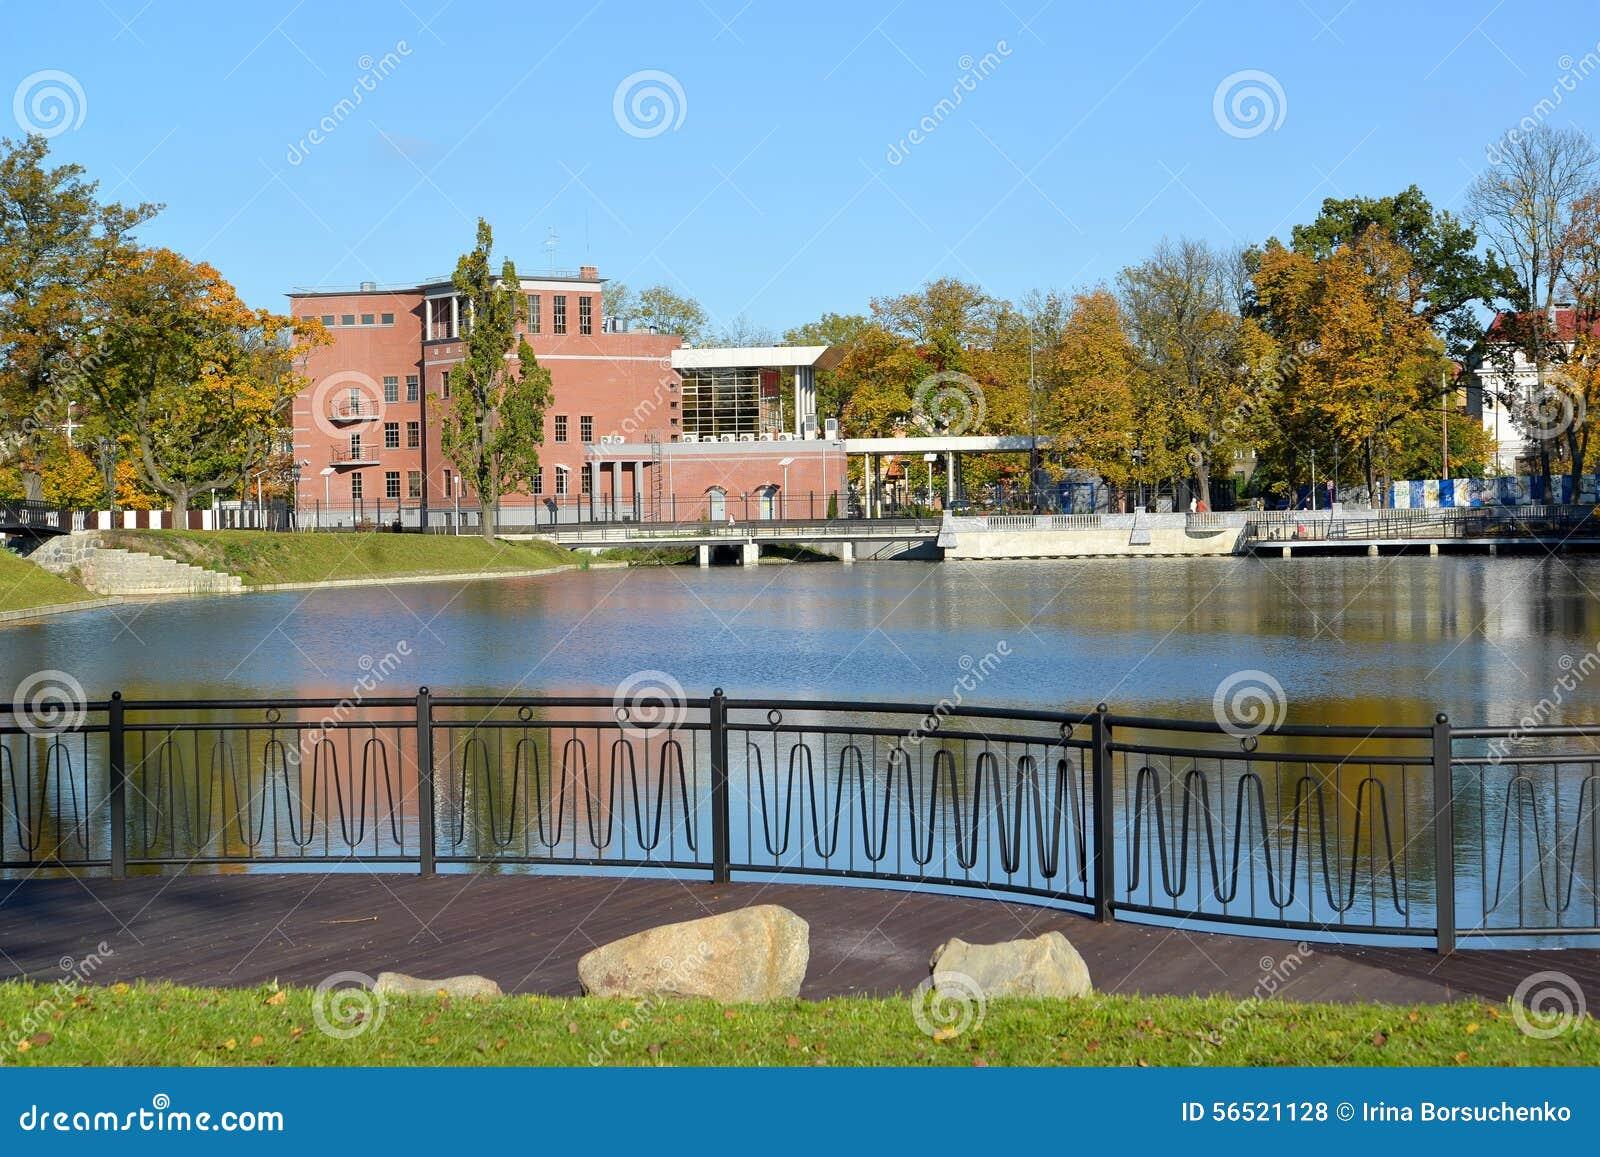 Kaliningrad embankment of the grain lake pond float in for Design of pond embankment